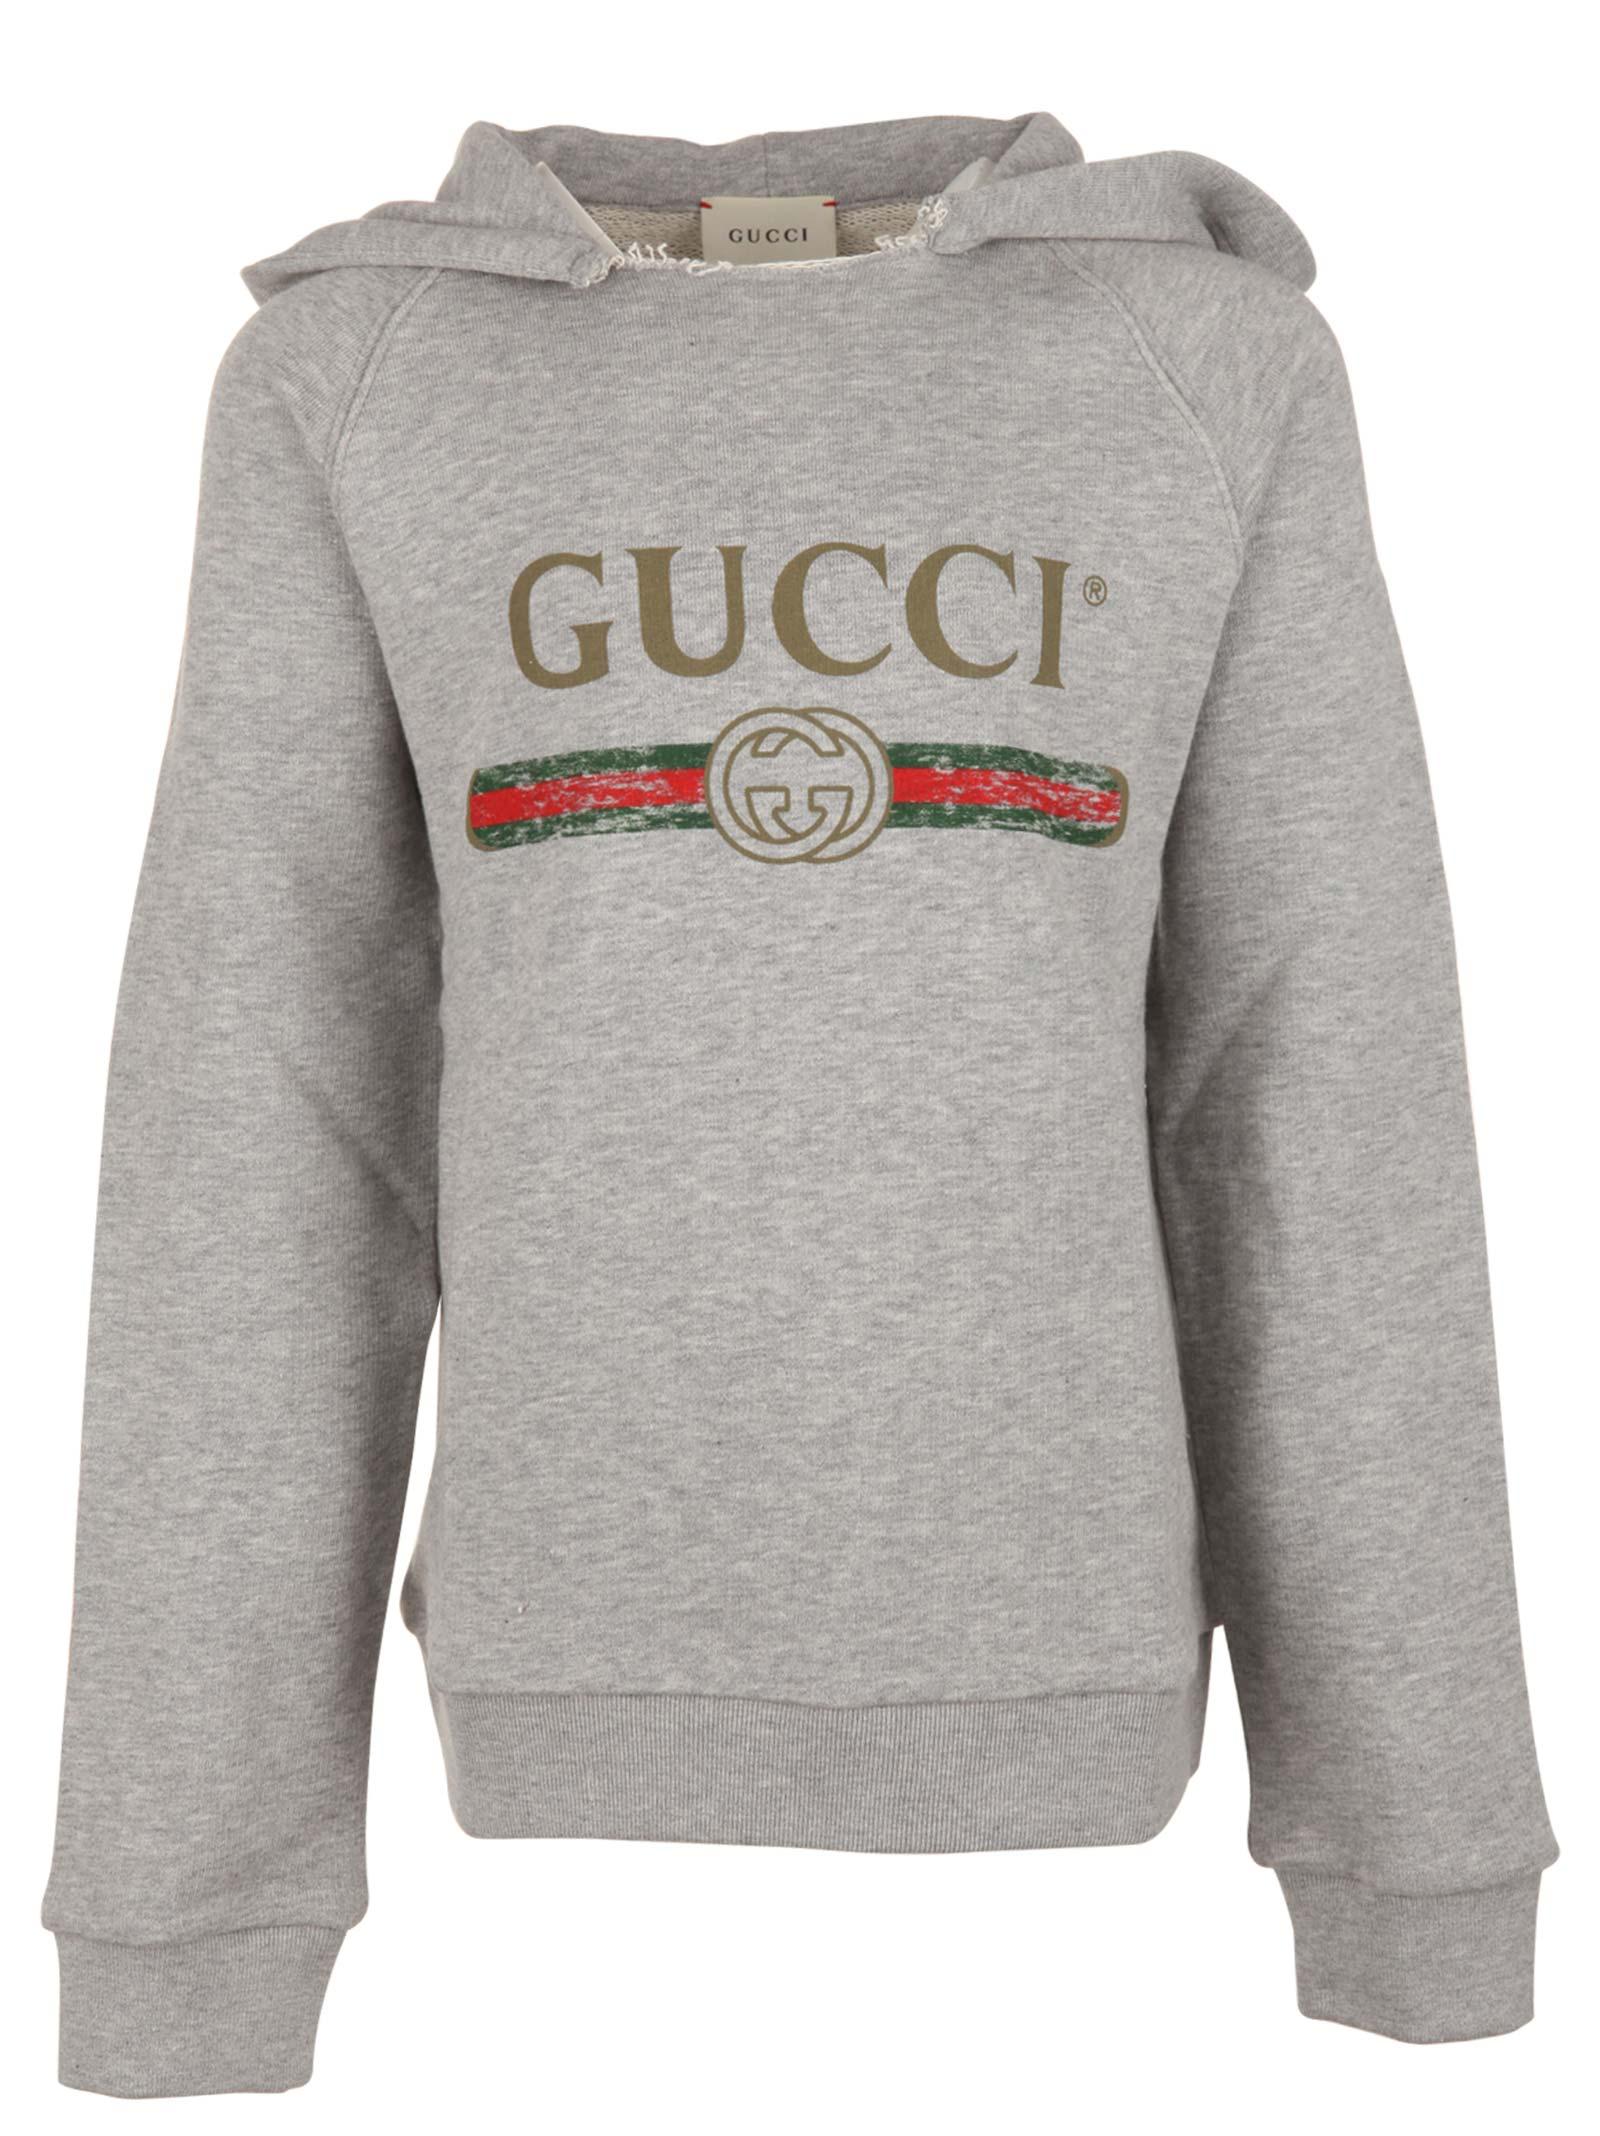 8bfa29f277 Gucci Junior. Felpa per bambini in cotone grigio con stampa logo vintage  frontale e cappuccio